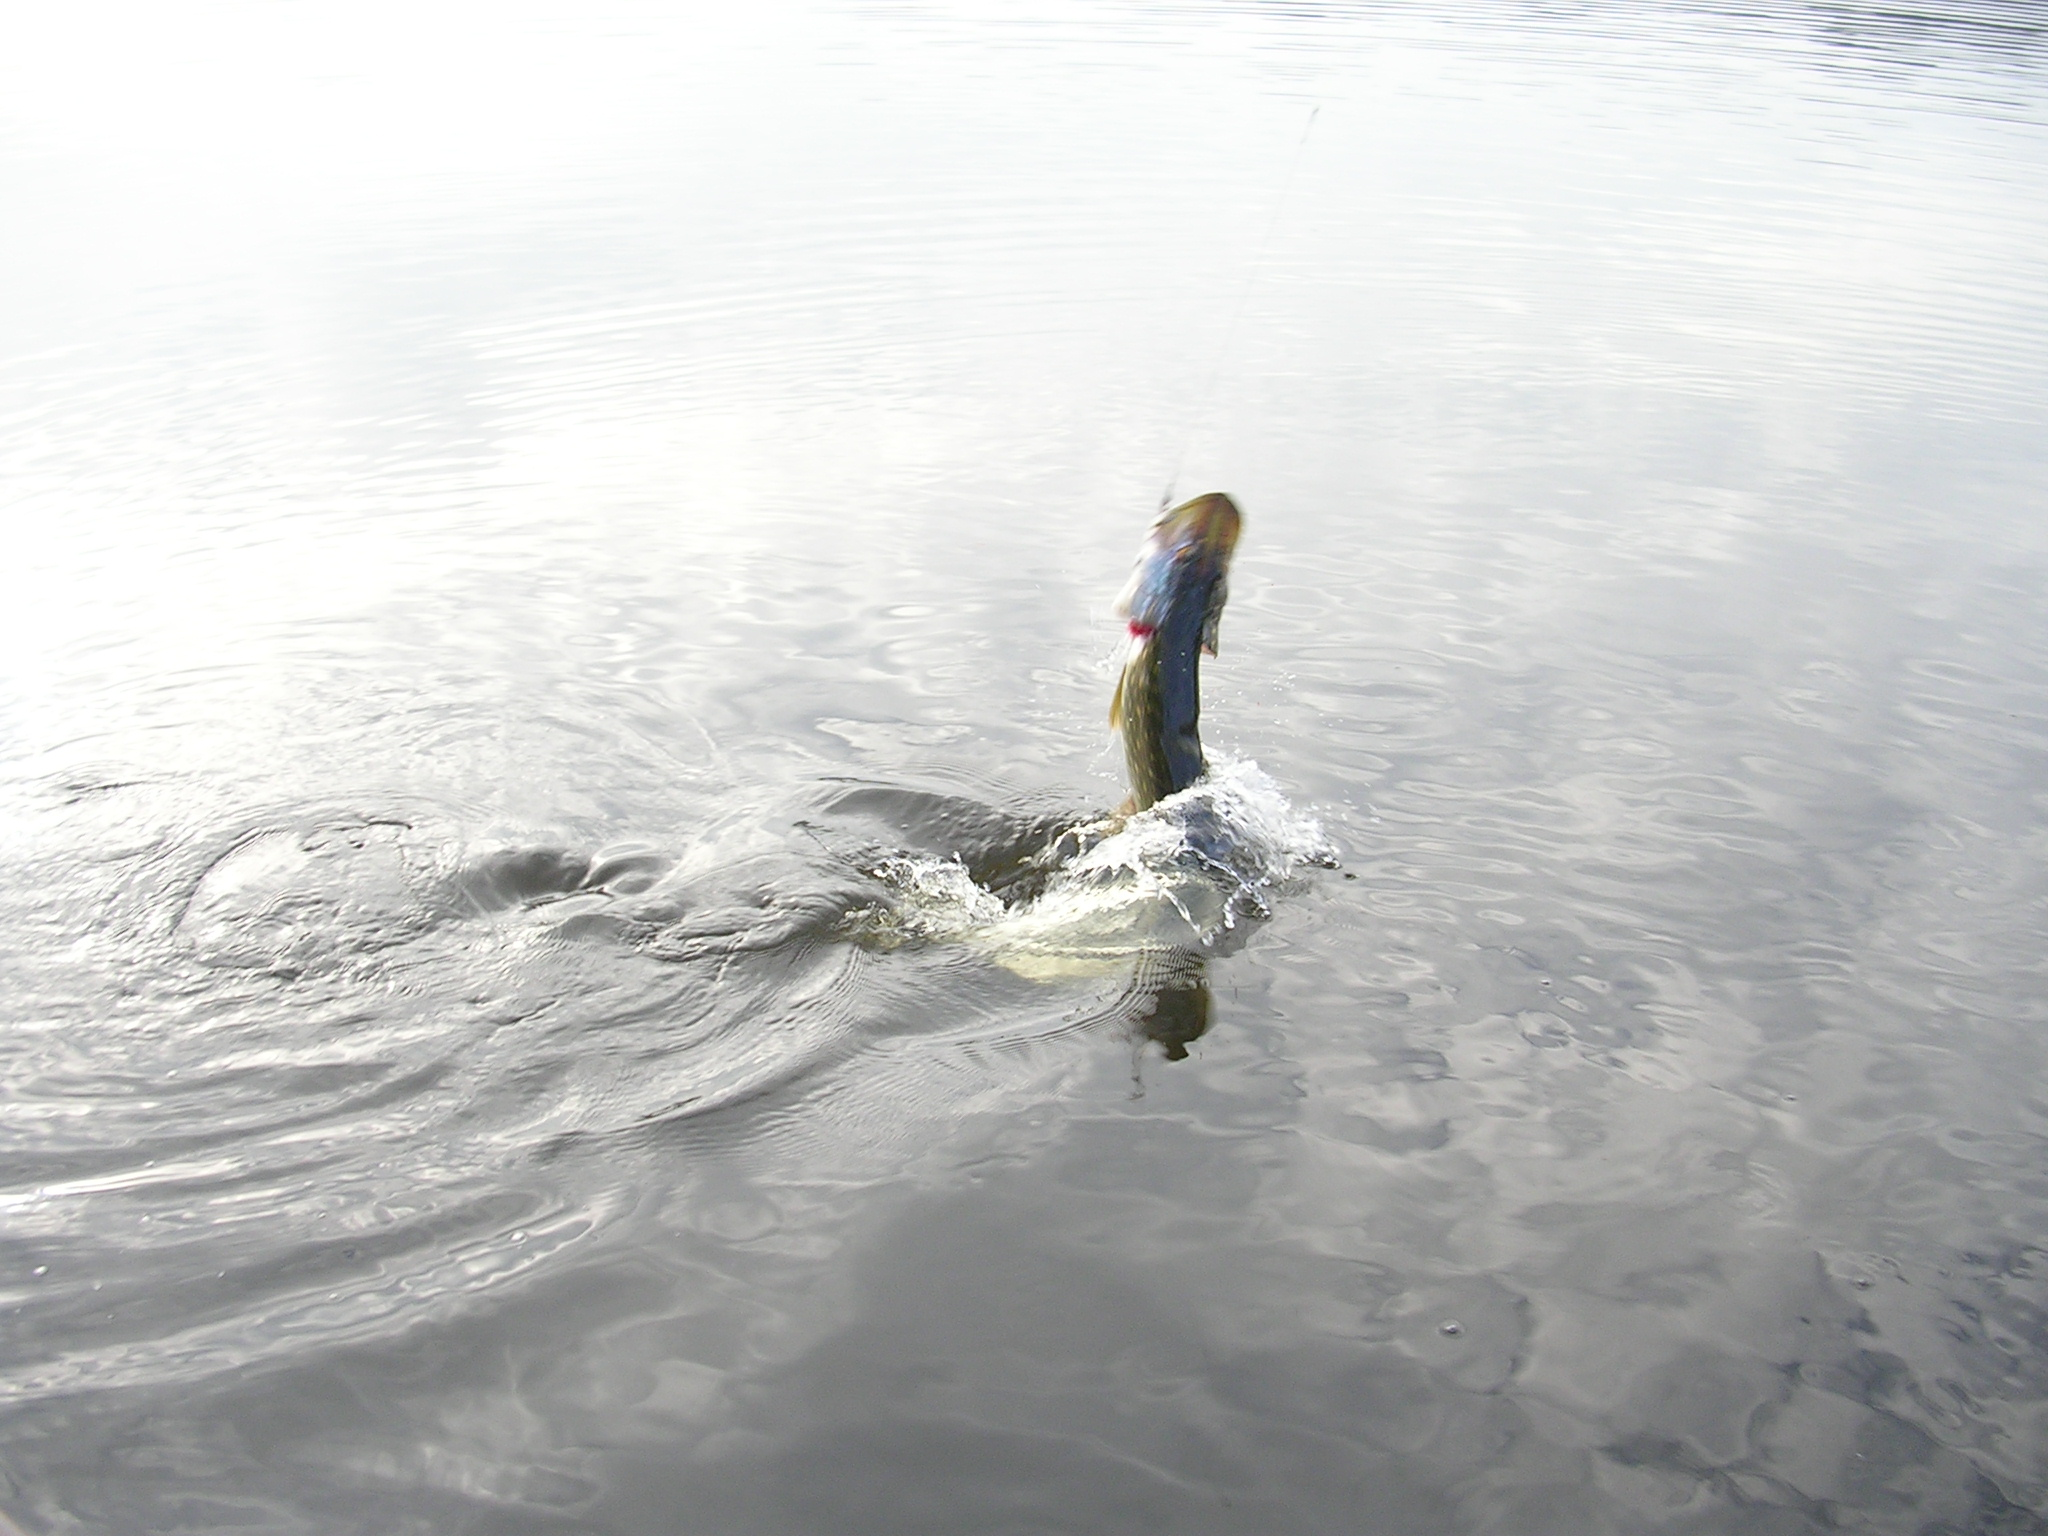 Des poissons acrobatiques